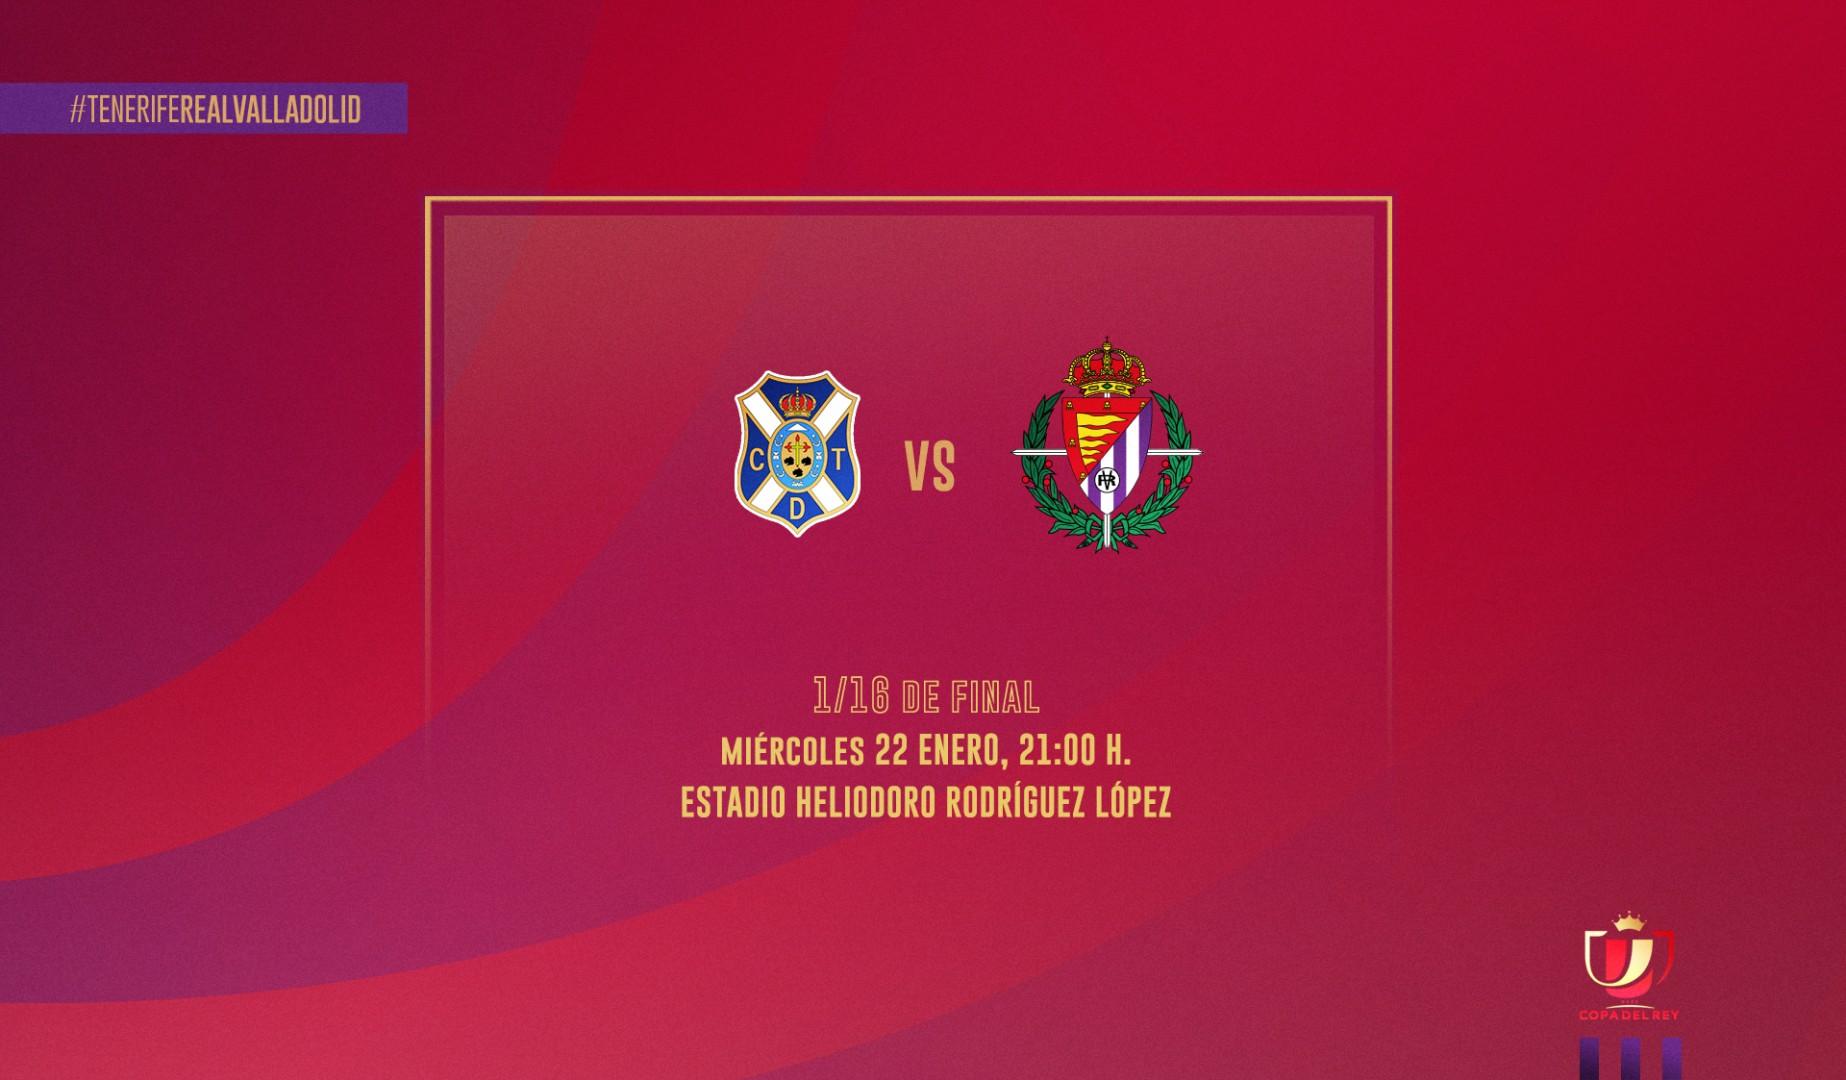 C.D. Tenerife - Real Valladolid C.F. Miércoles 22 de Enero. 21:00 Previa-tenerife